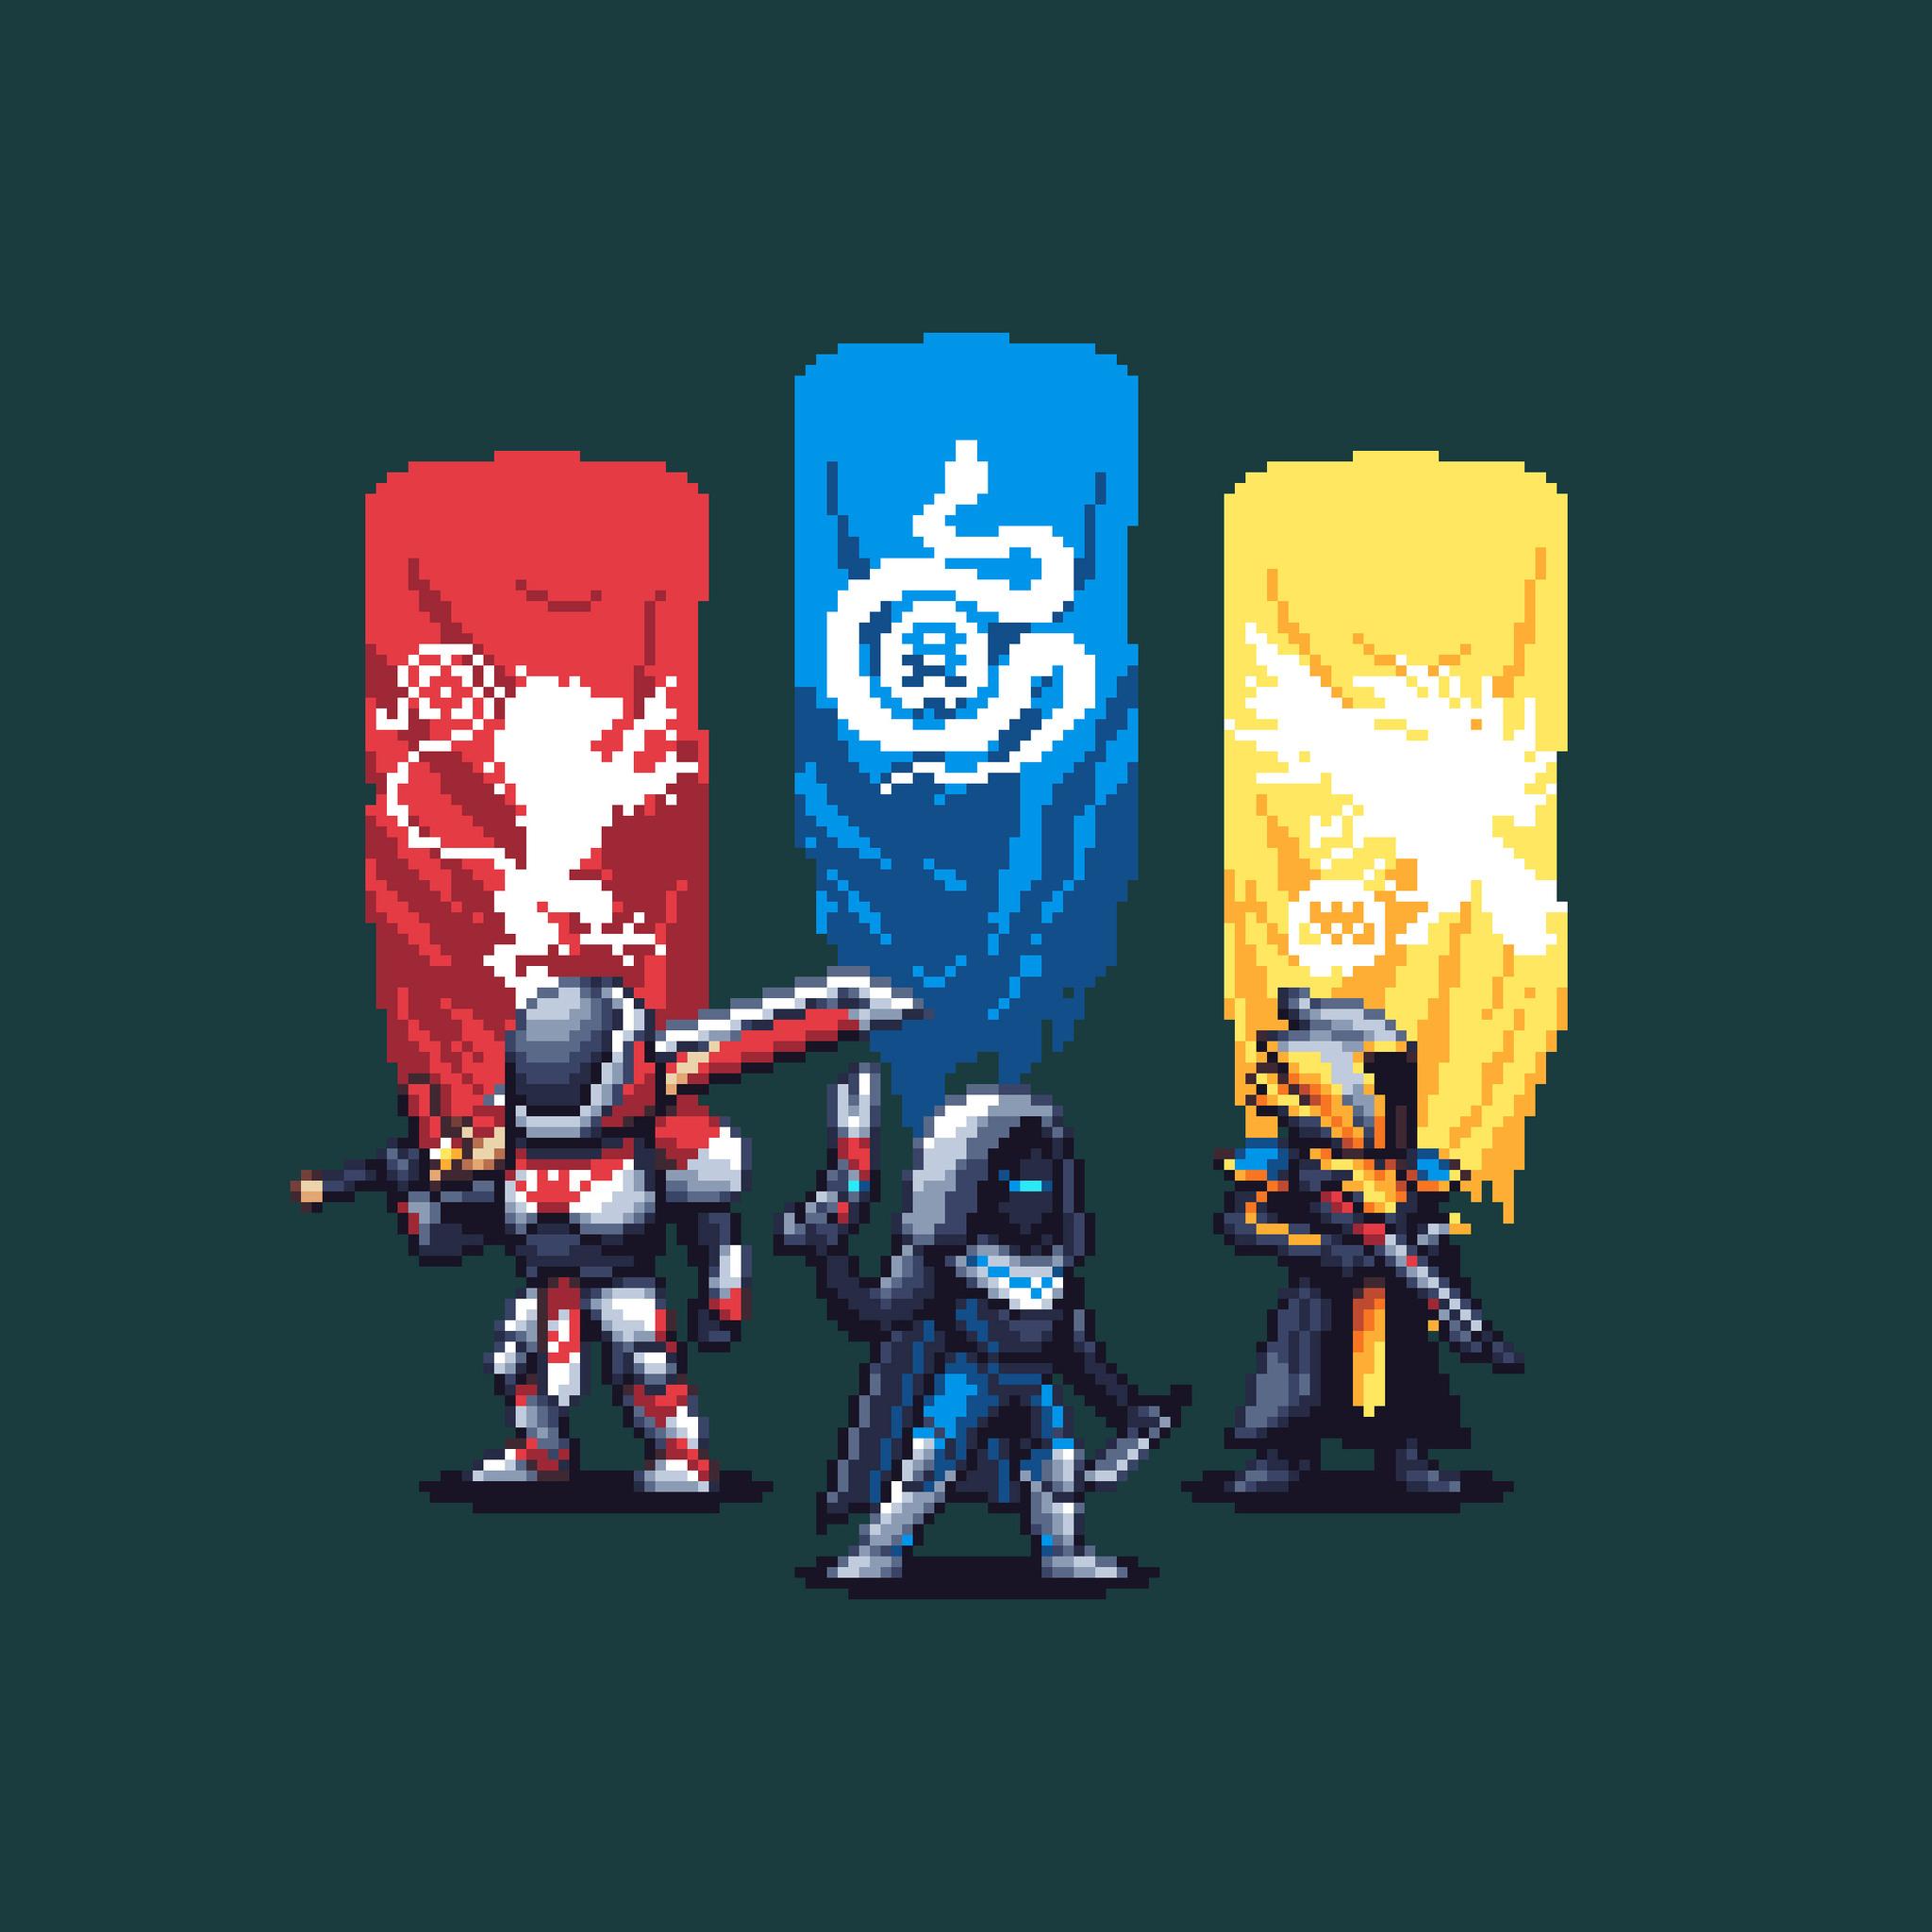 destiny-2-pixel-artwork-4k-pl.jpg